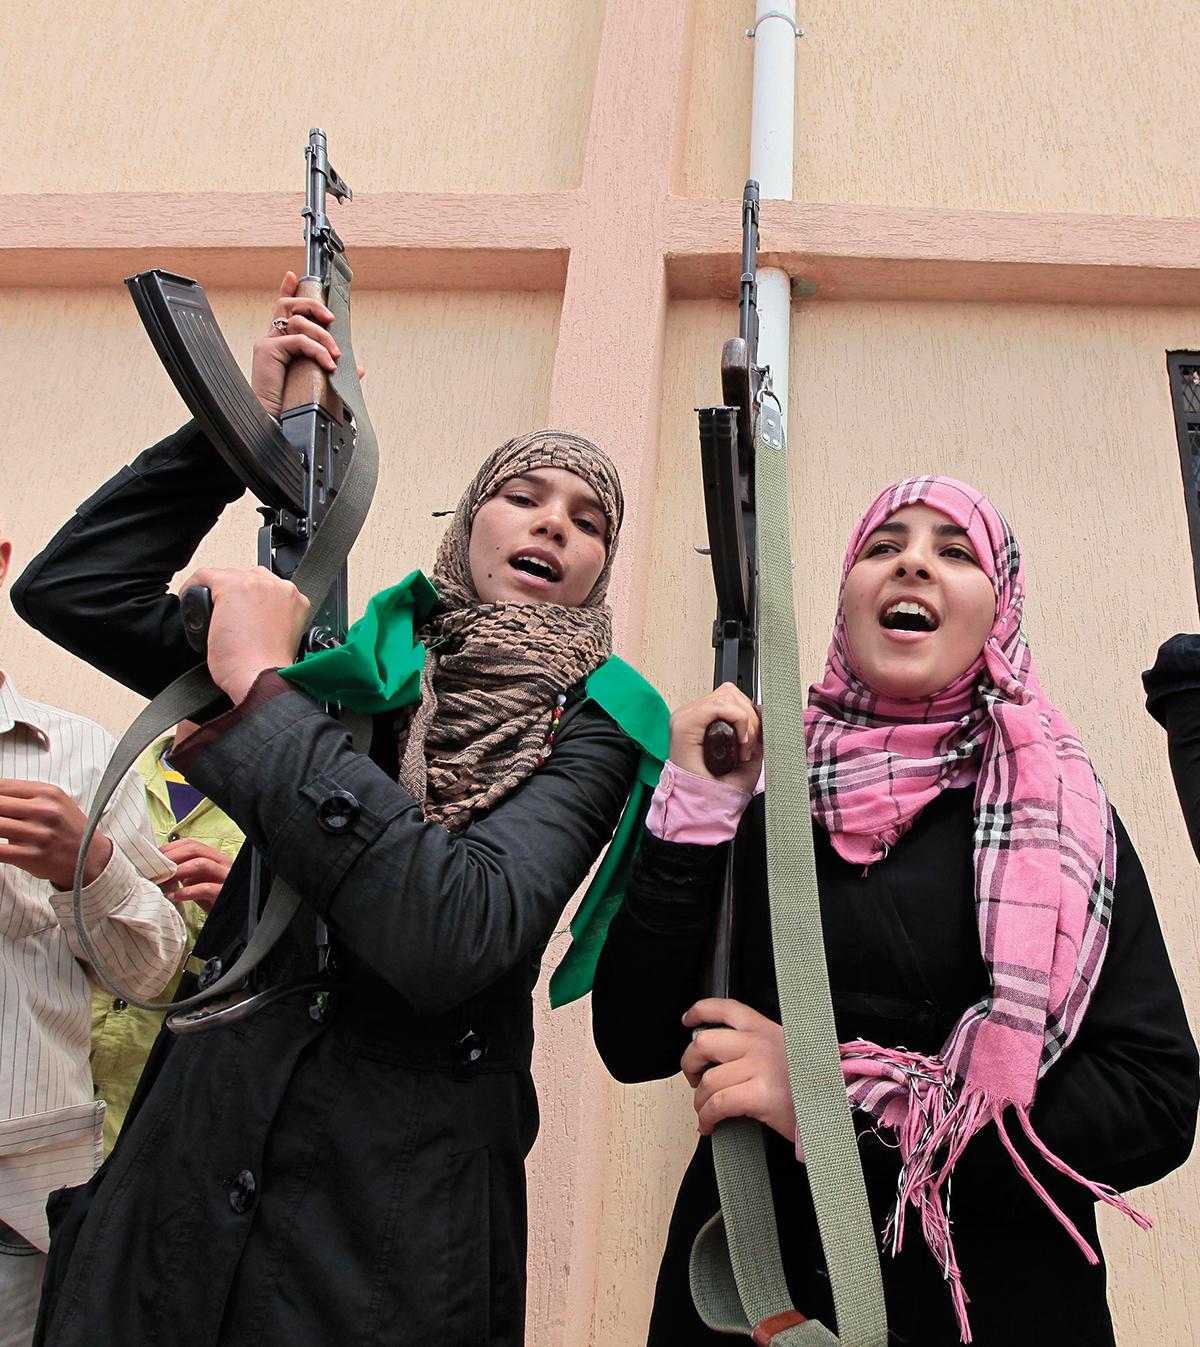 Female volunteer fighters